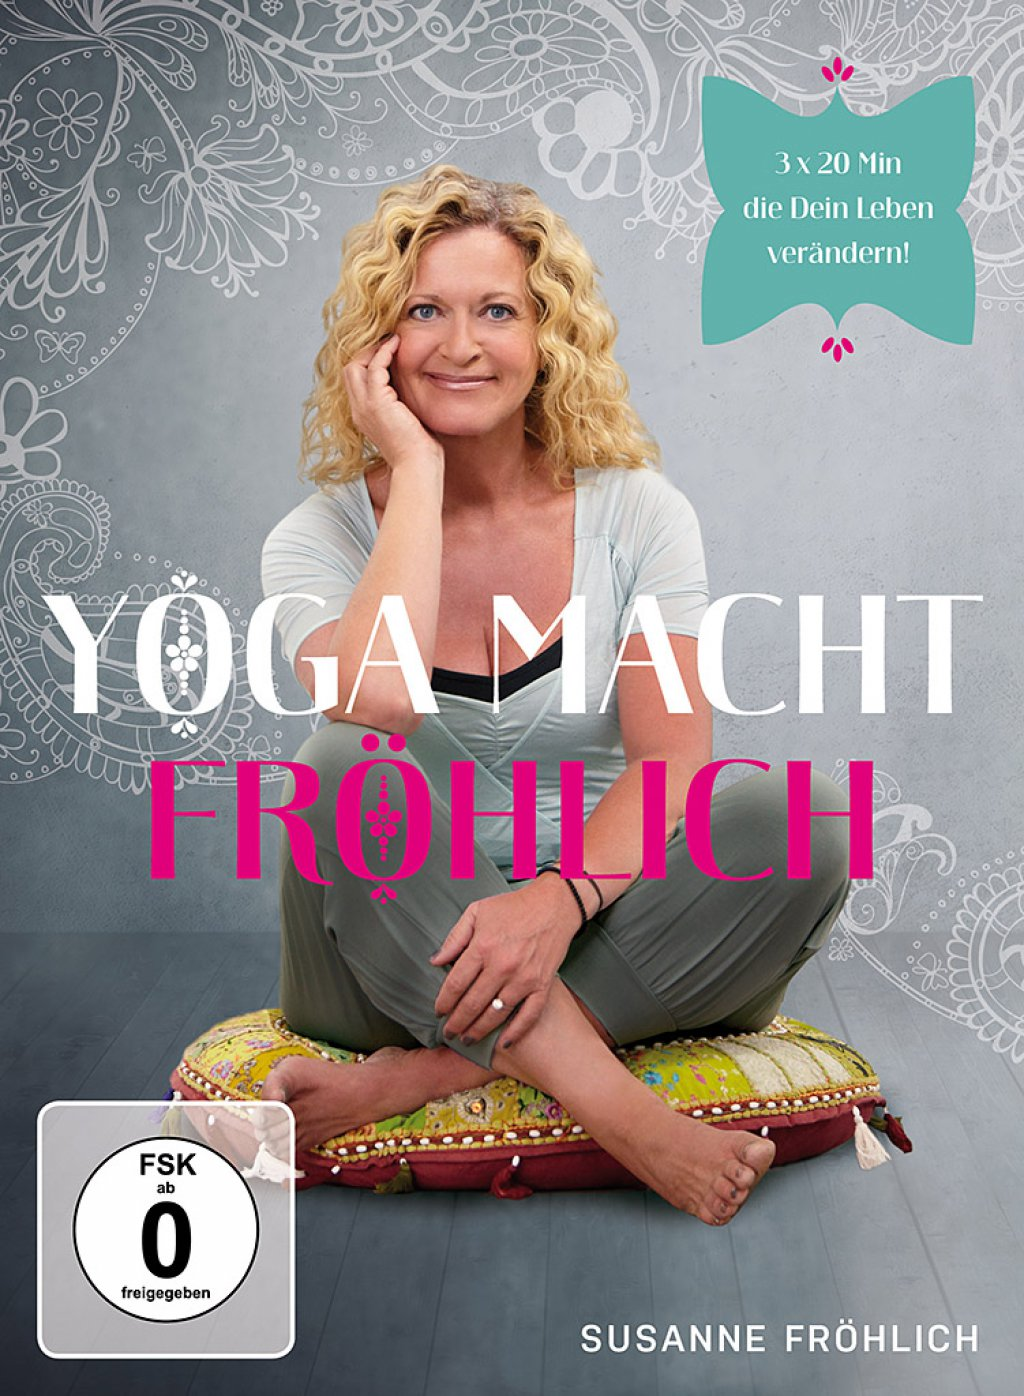 Susanne Fröhlich - Yoga macht Fröhlich (DVD)